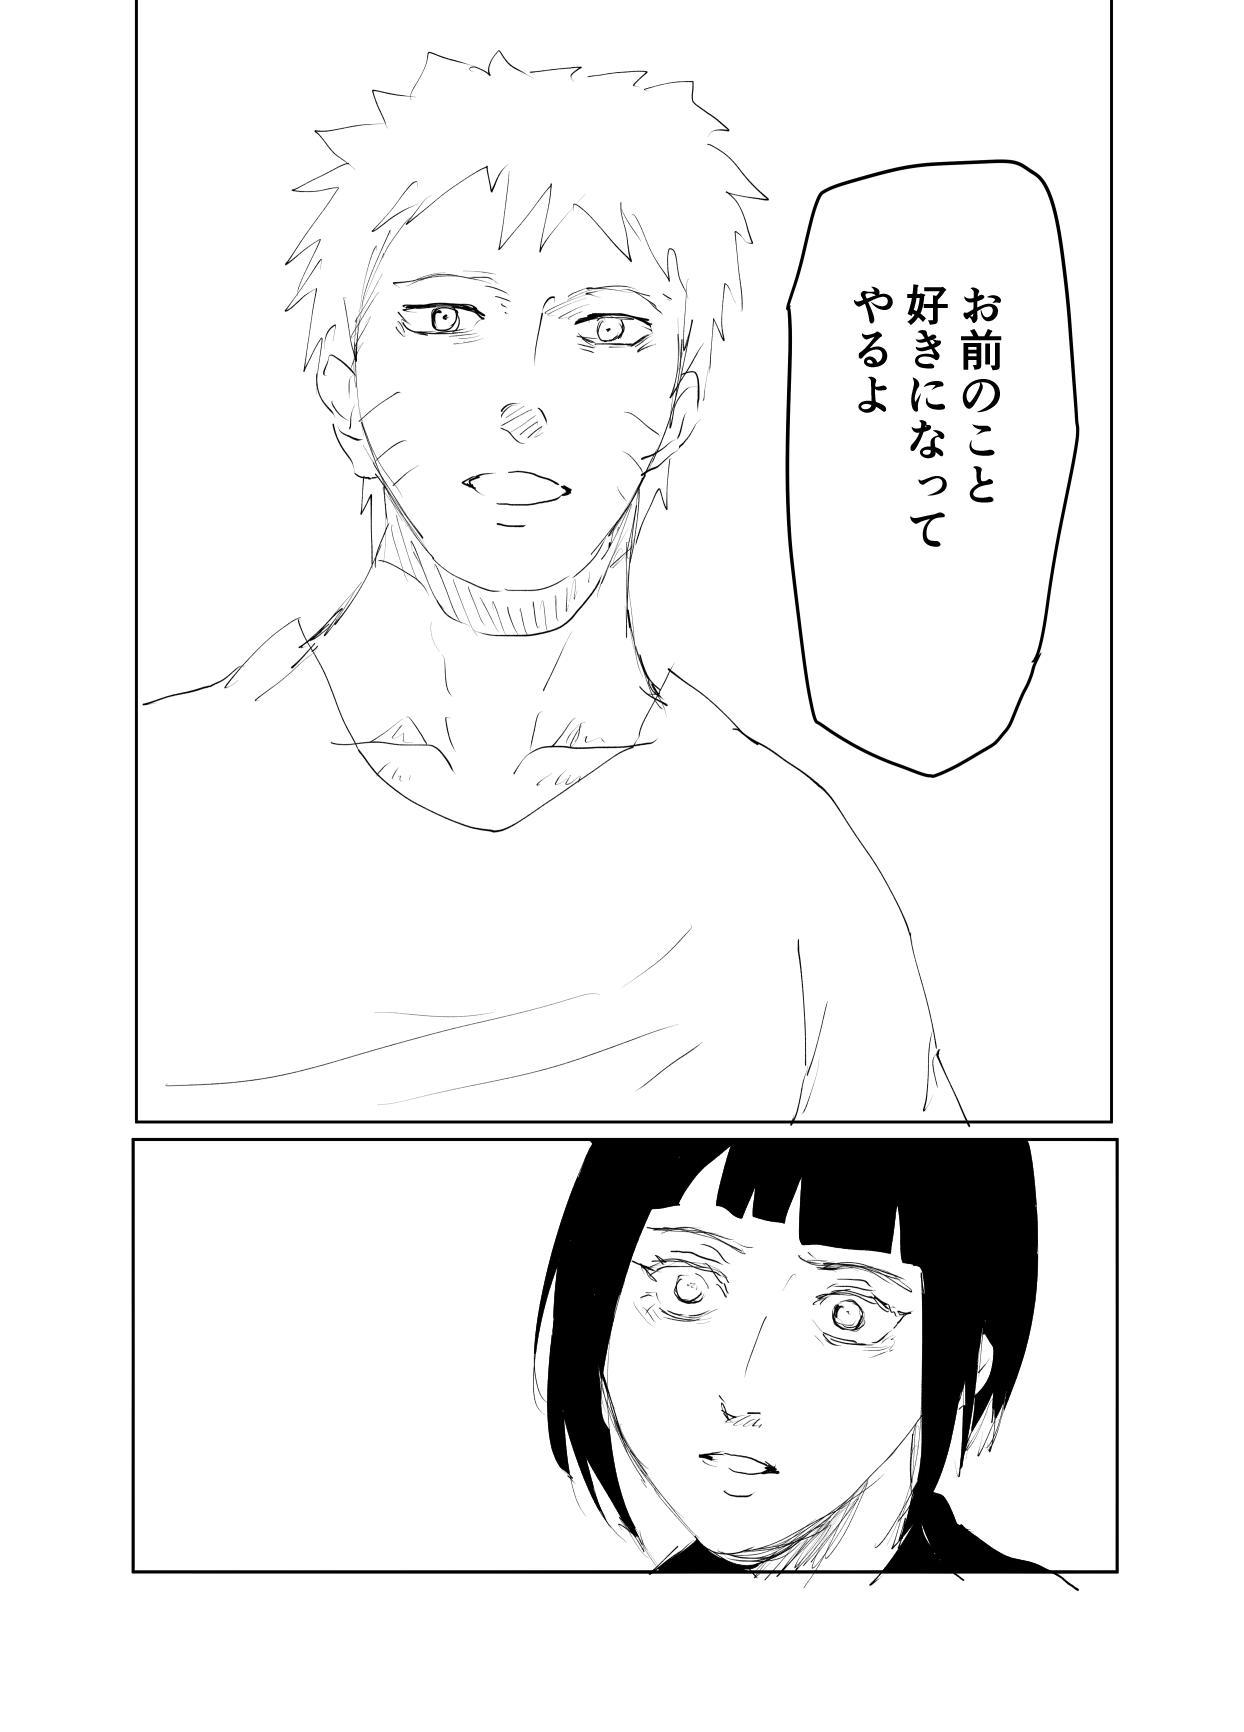 嘘告白漫画 67